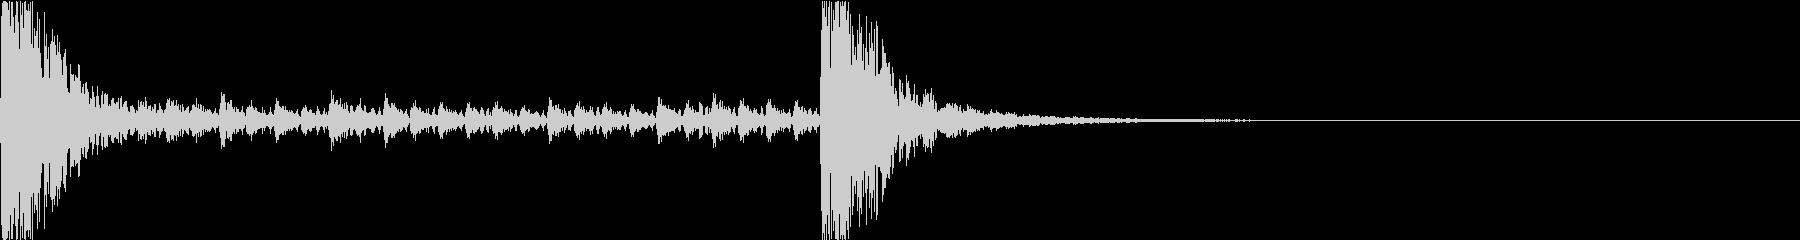 和風ドラムロール[和太鼓、鼓] 5秒_1の未再生の波形